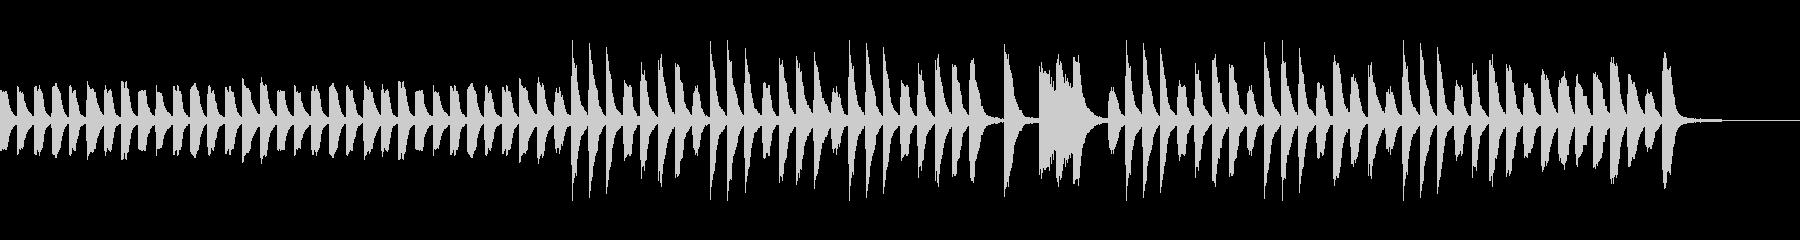 ゆったりカワイイほのぼのしたピアノ曲の未再生の波形